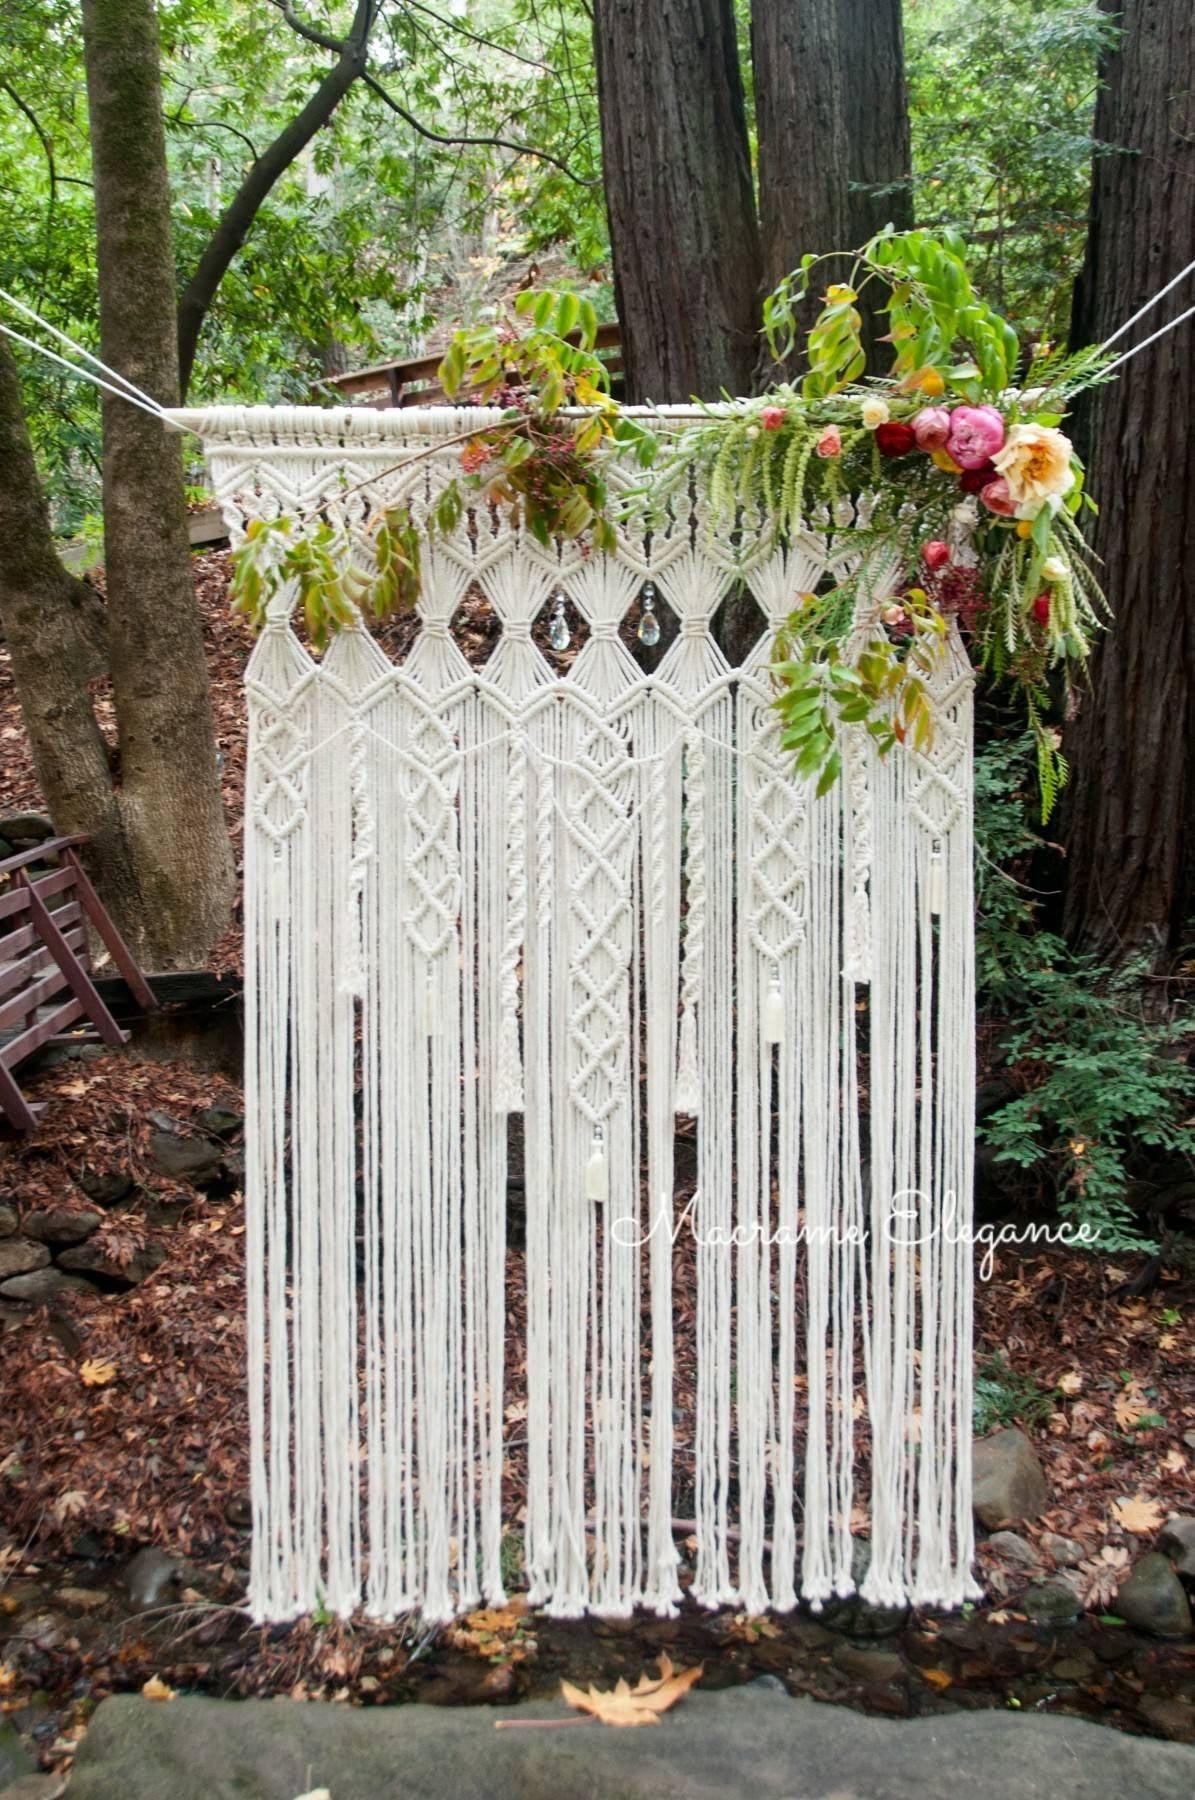 Macrame decorado com flores no canto no jardim